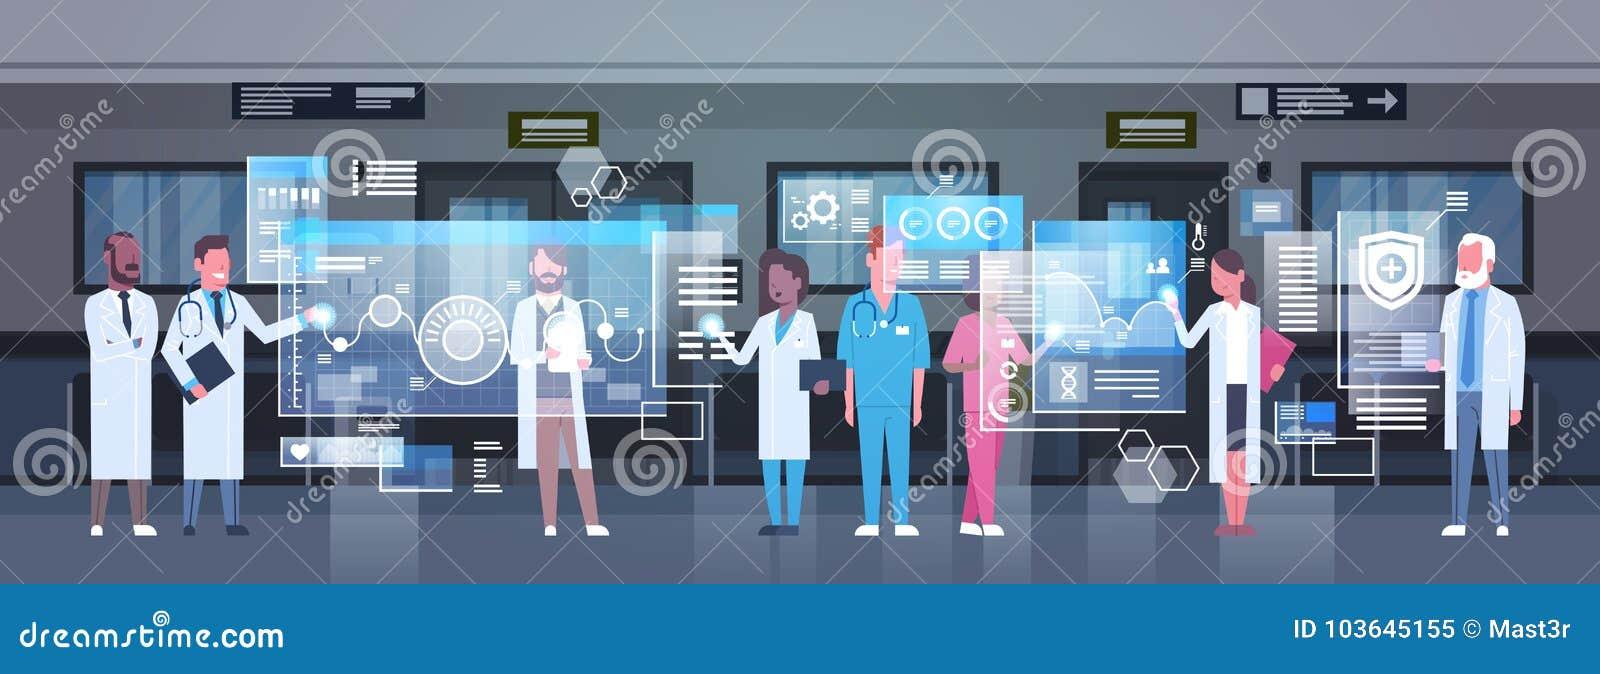 使用数字式显示器的小组医生运作在医院医学和现代技术概念